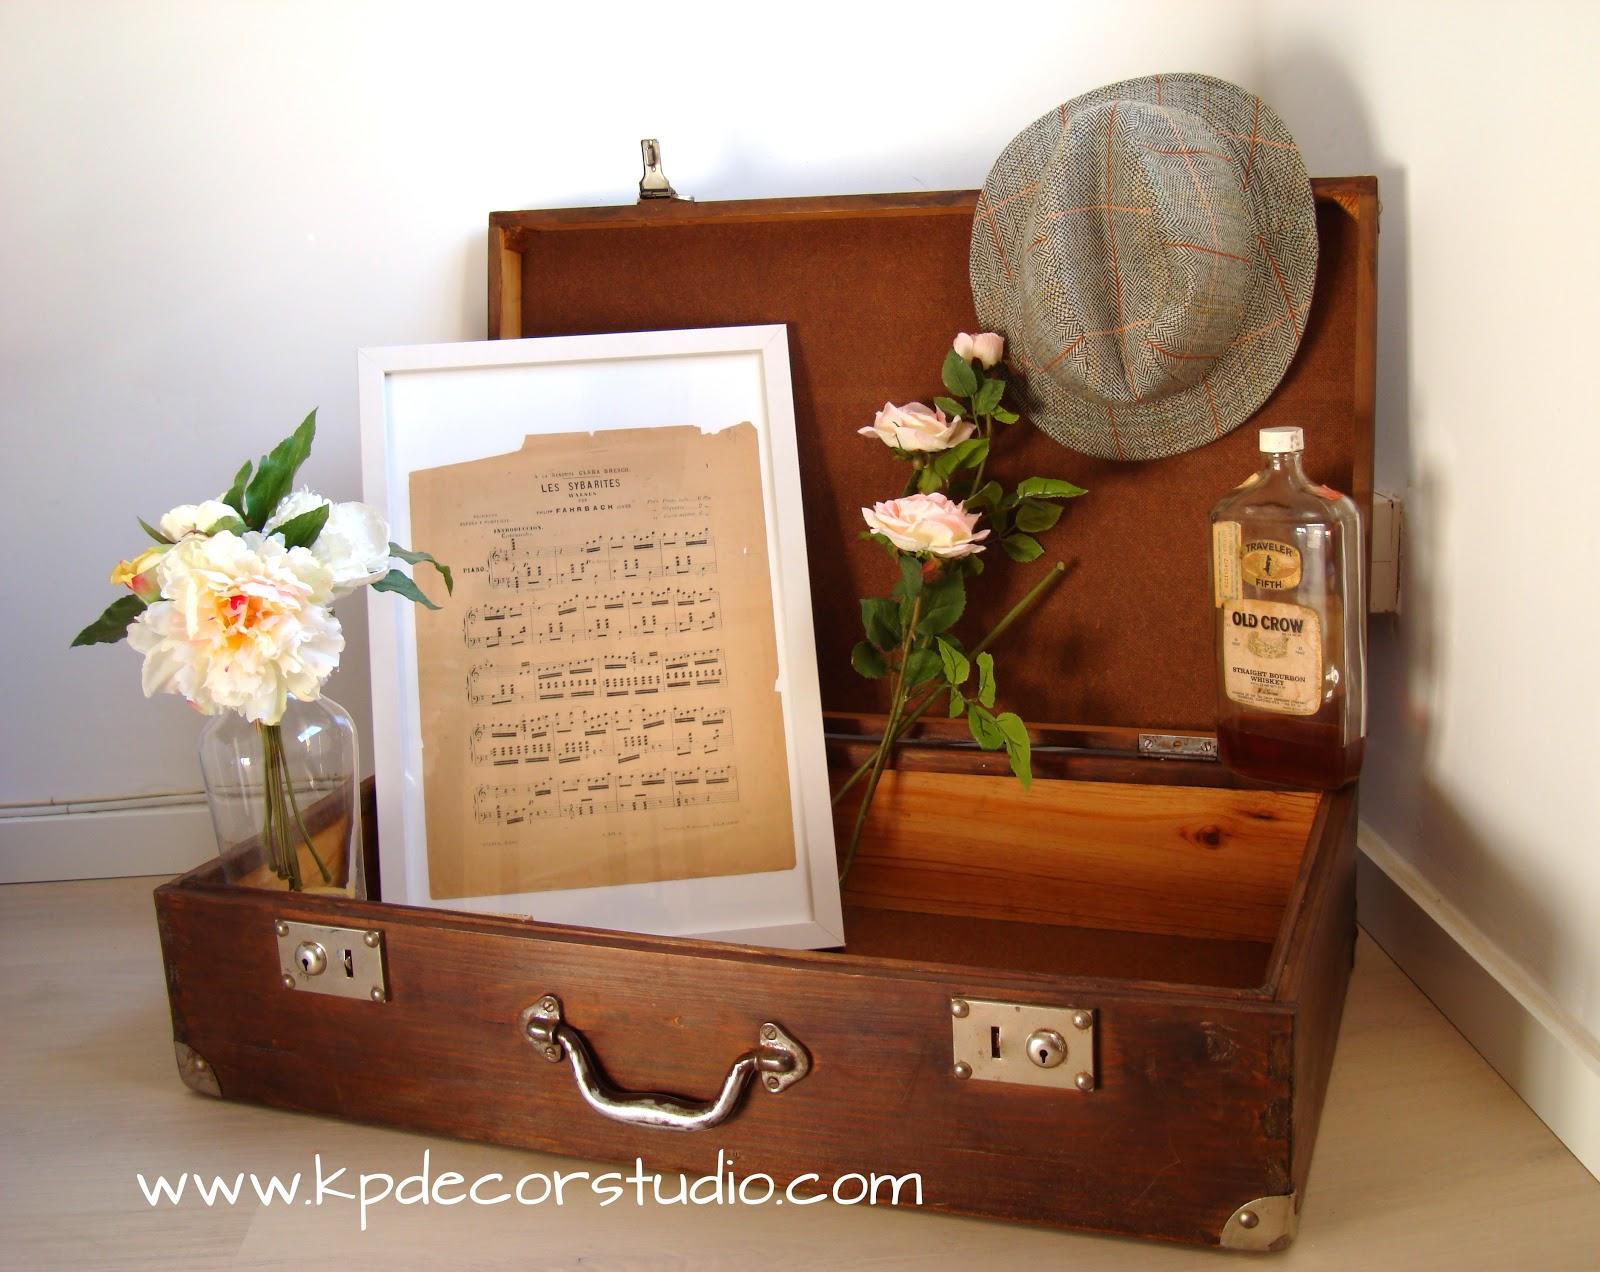 Kp tienda vintage online maleta de madera antigua old - Comprar decoracion vintage ...